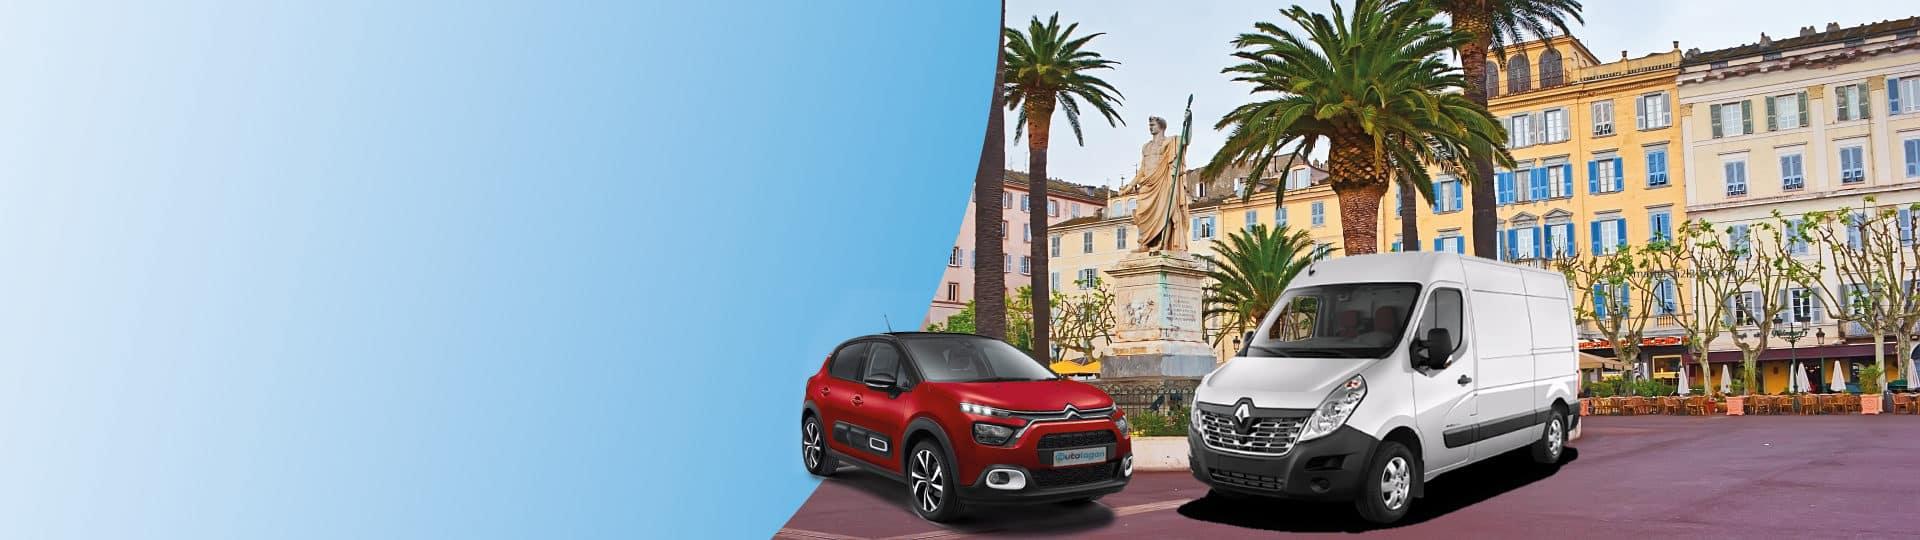 Réservez votre voiture de location au meilleur prix à Bastia